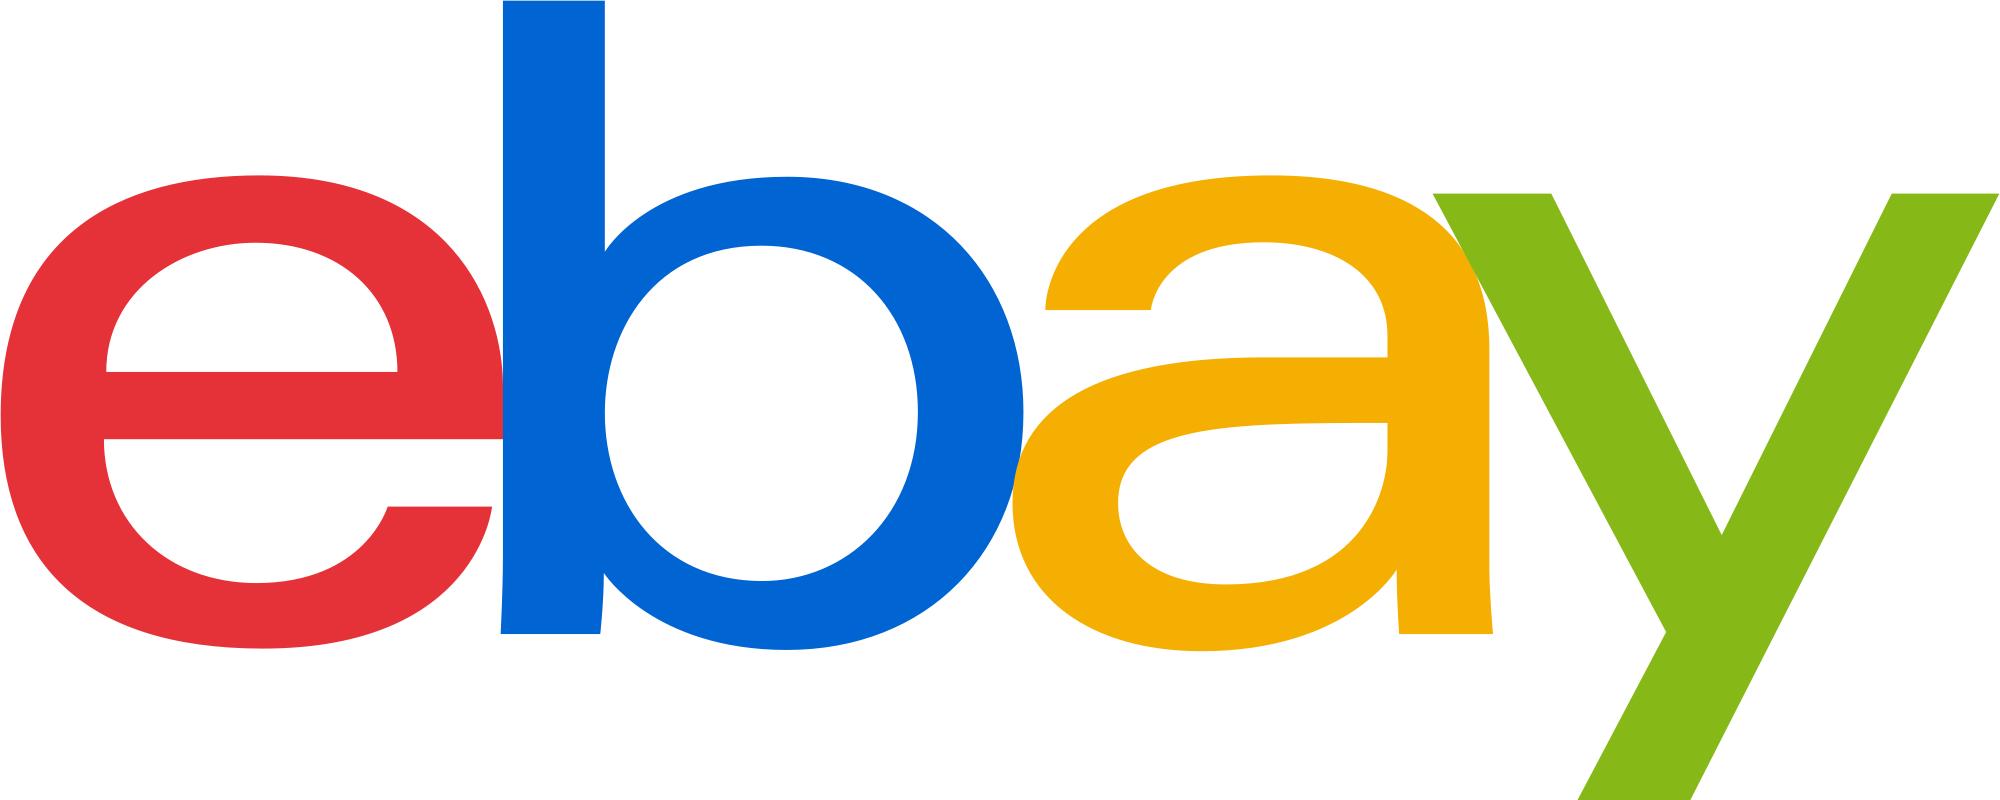 Ebay 0€ Angebotsgebühren und -50% Verkaufsprovision 10 Angebote oder 5 Angebote -100% / 06.12.16 - 11.12.16 ausgewählte Mitglieder